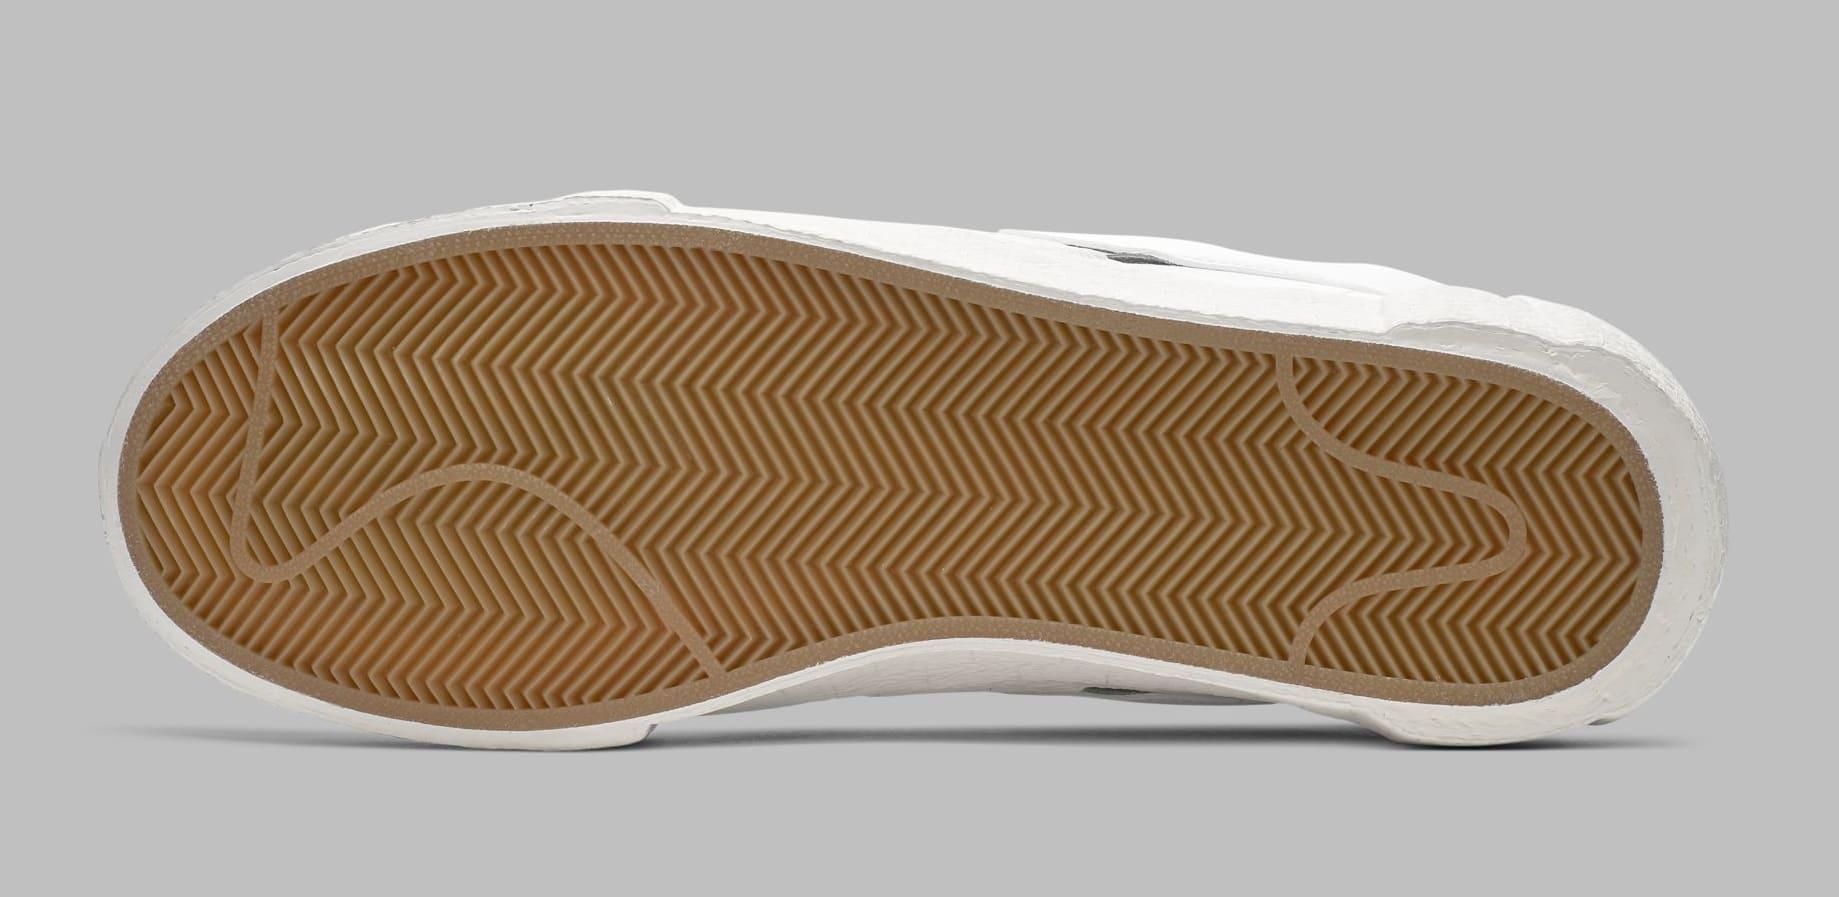 sacai-nike-blazer-mid-white-bv0072-100-outsole